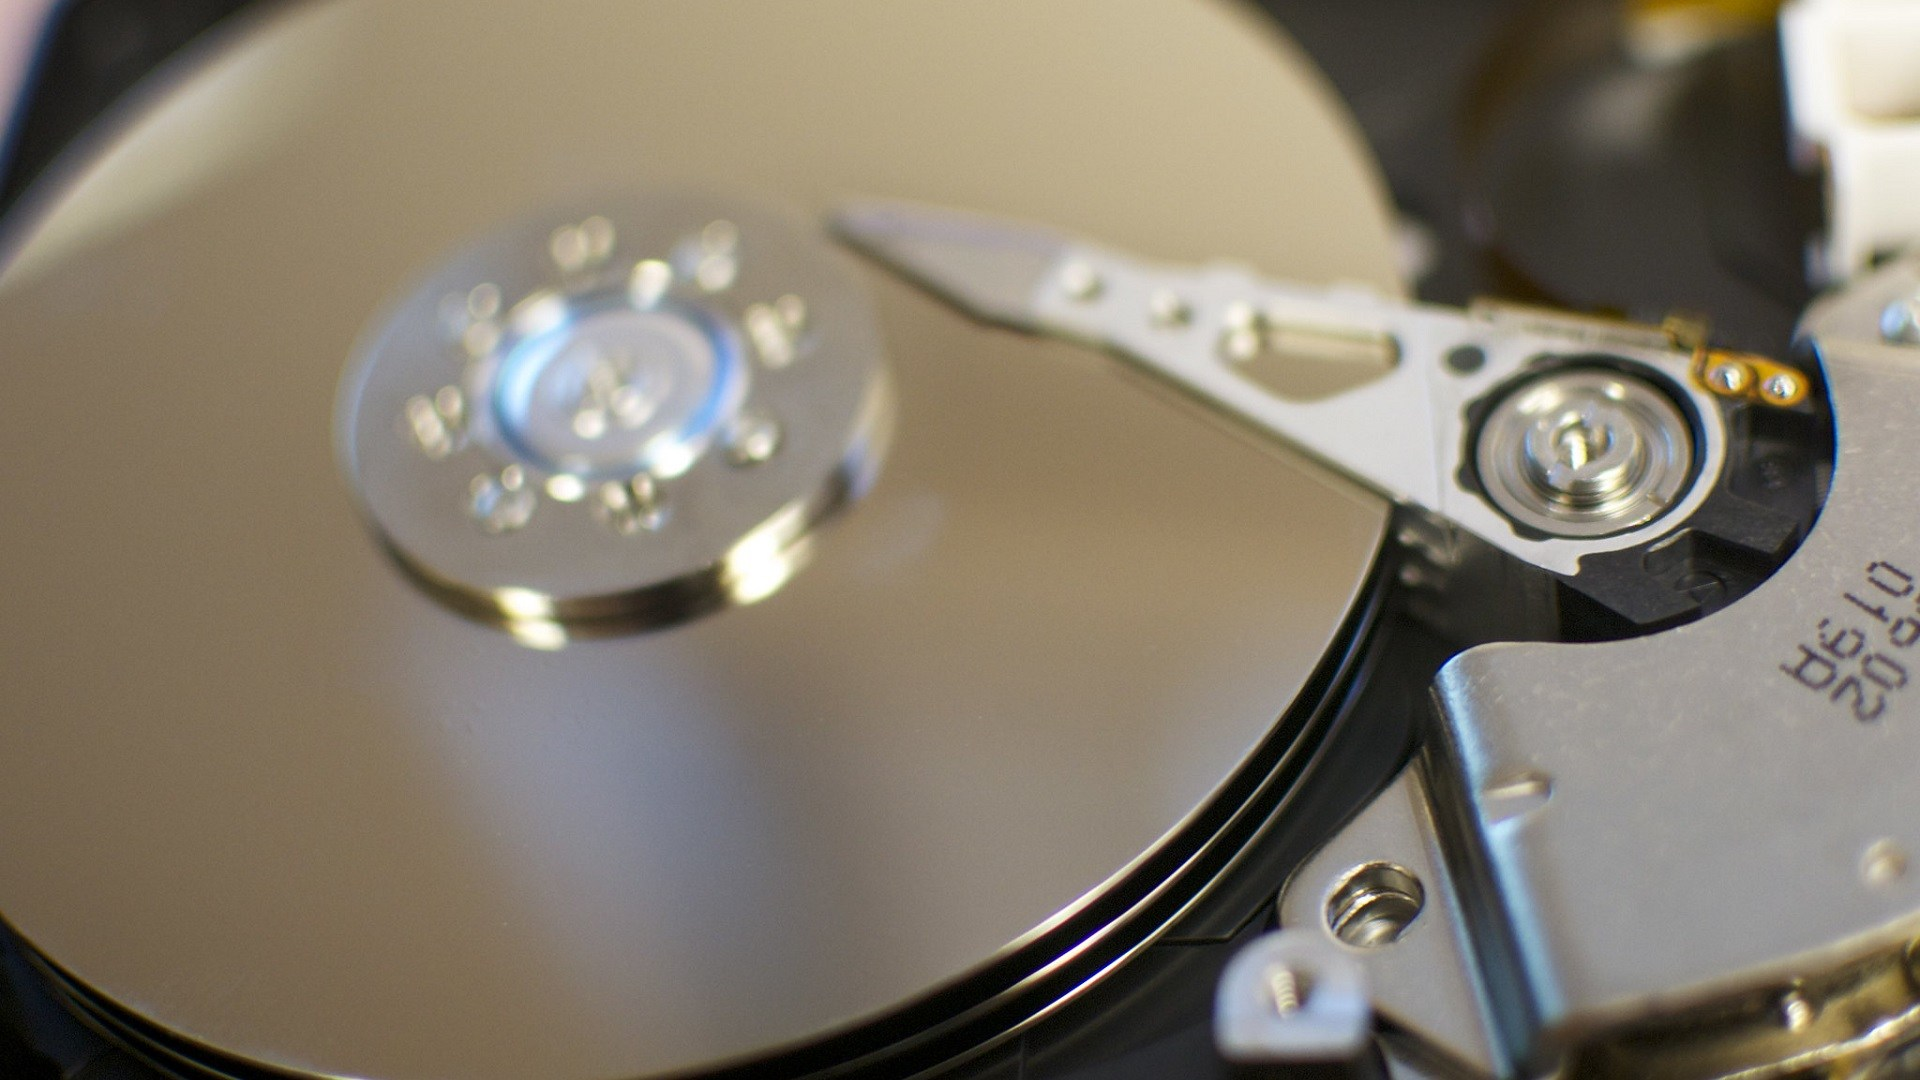 Stockage externe : quels sont les meilleurs SSD et disques durs en 2020 ?